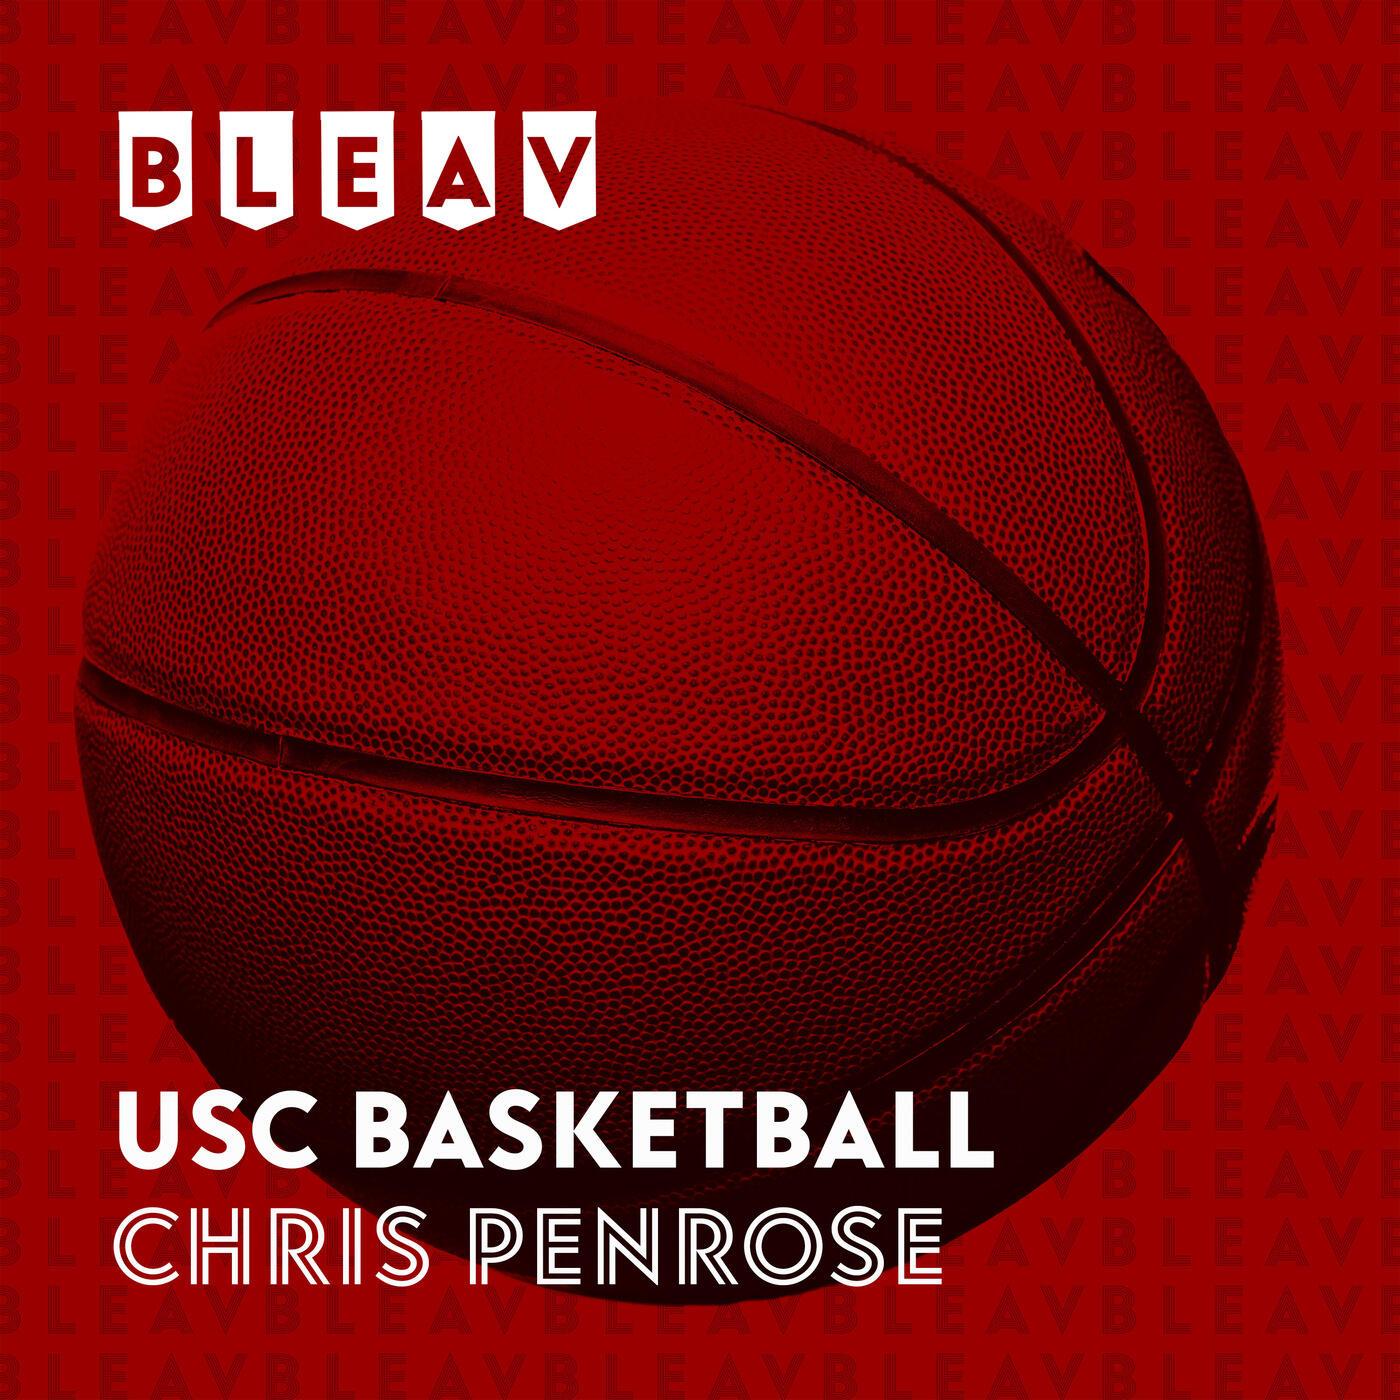 Bleav in USC Basketball with Chris Penrose